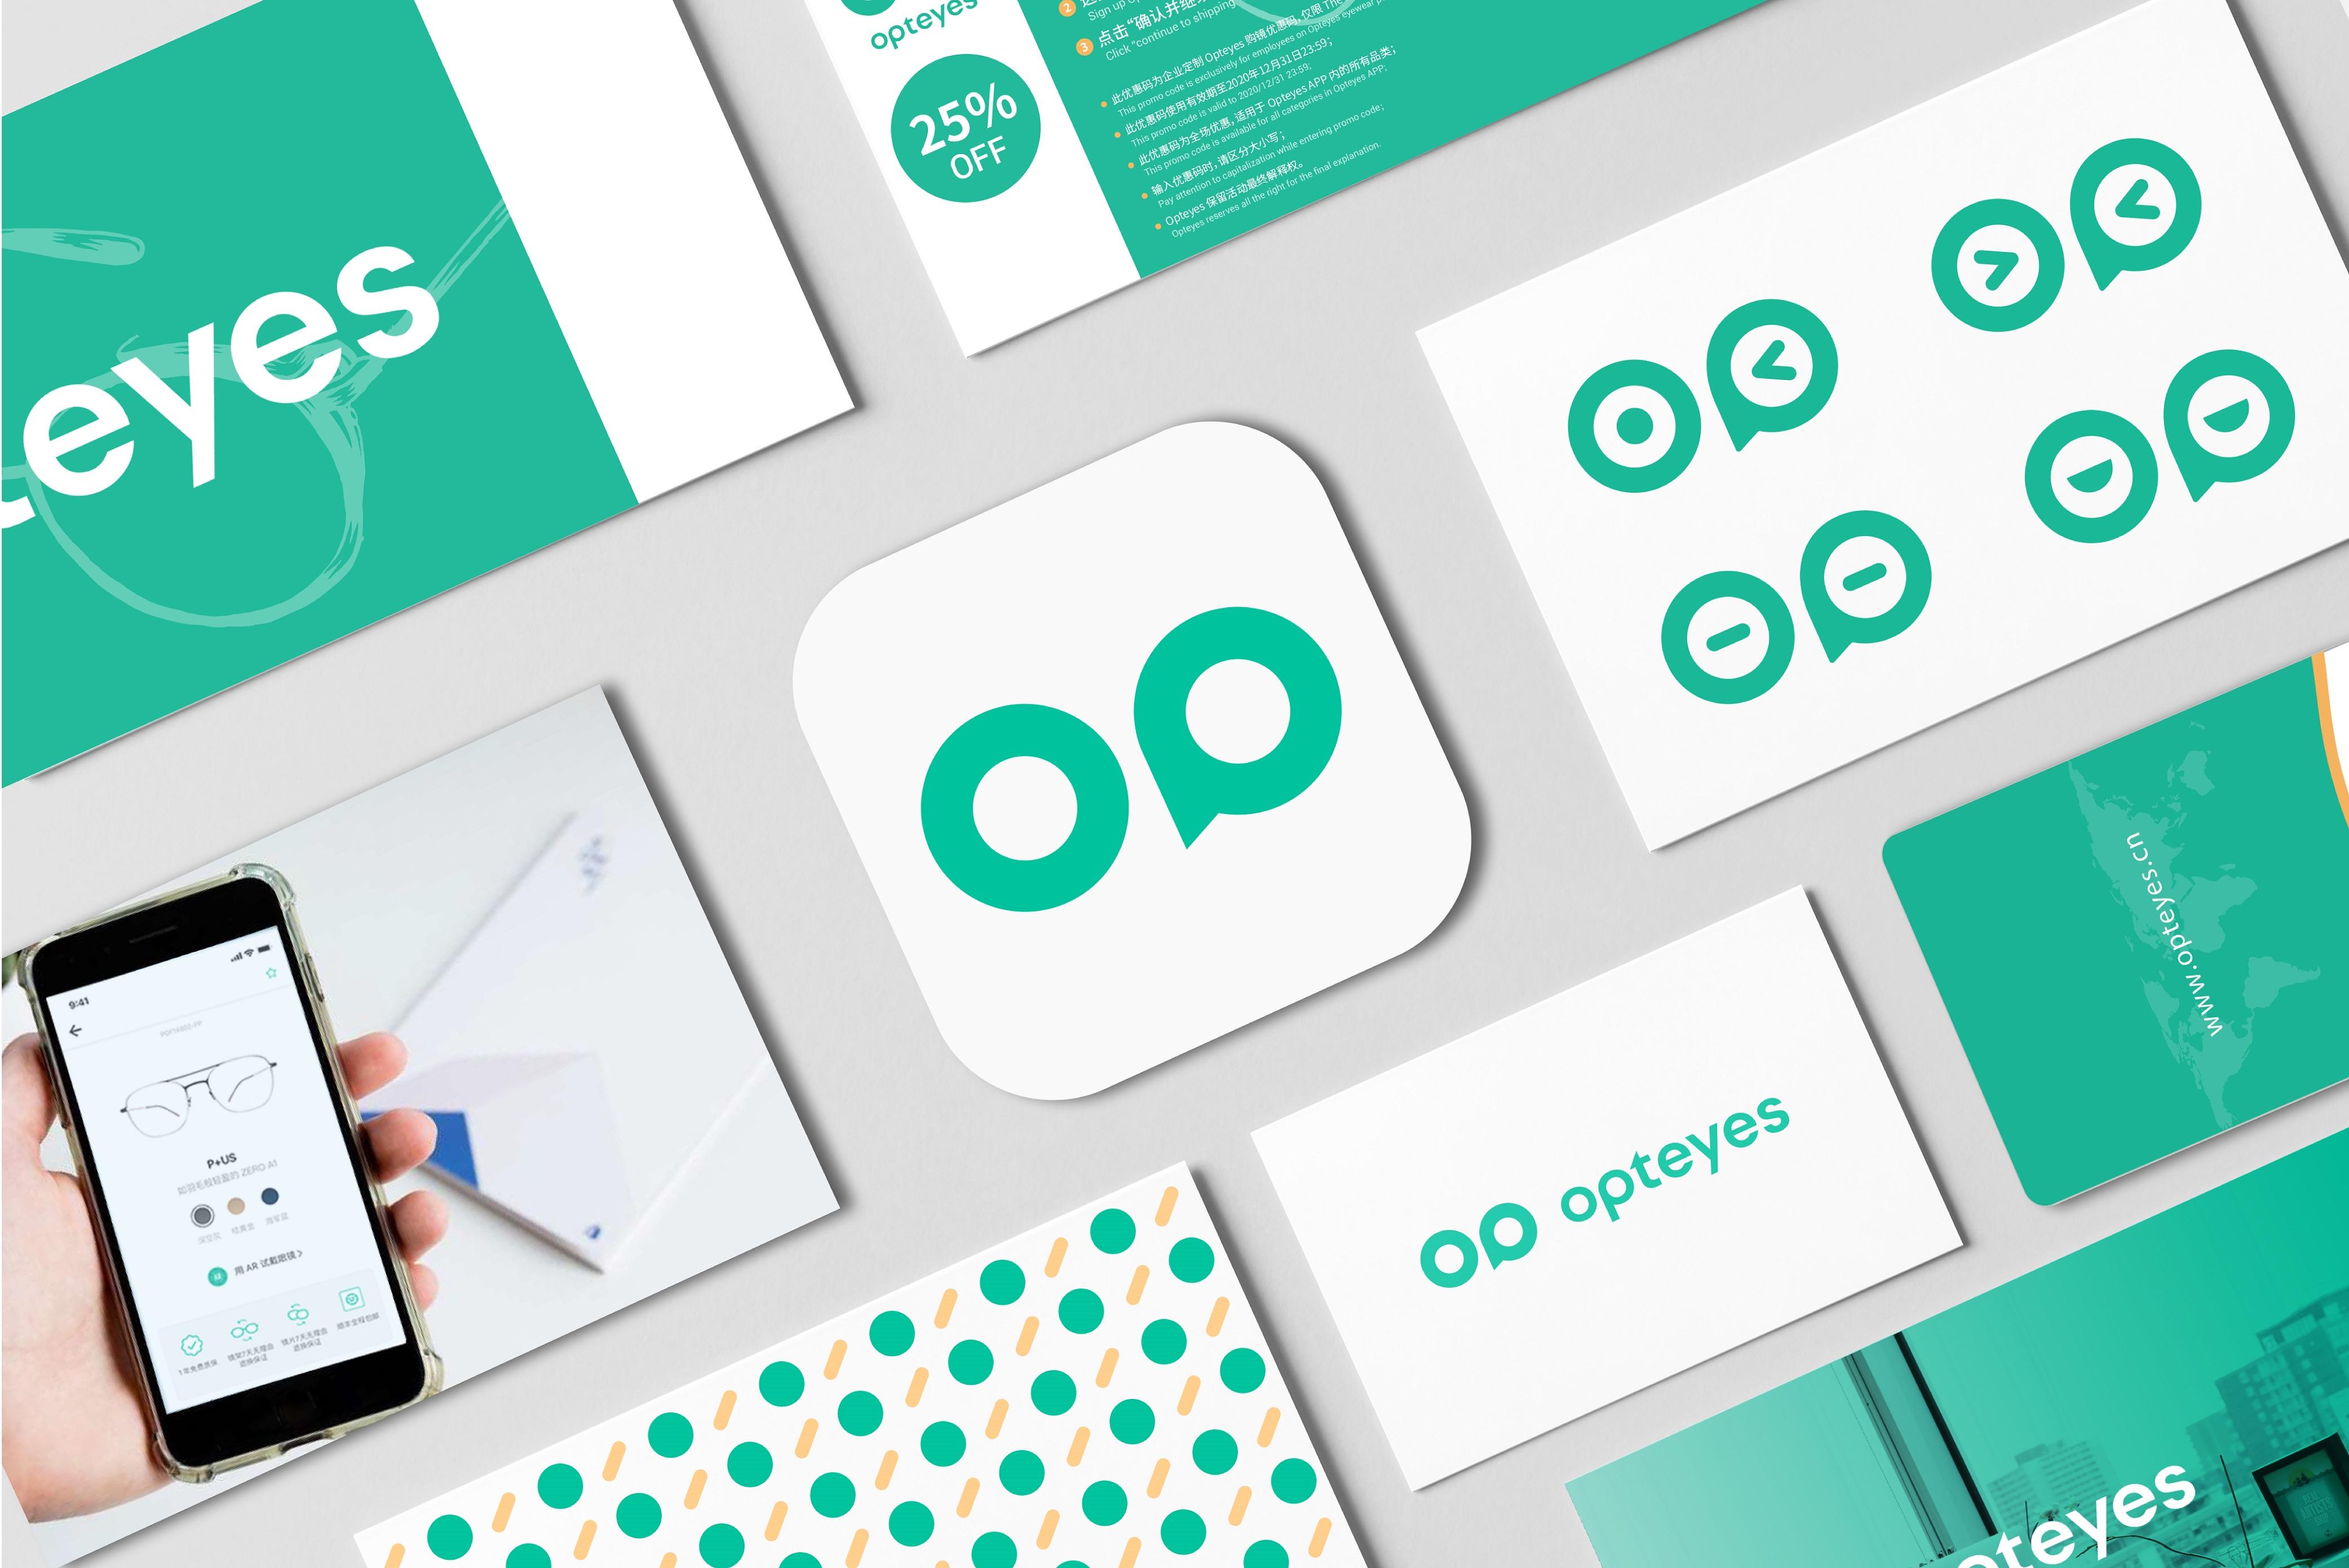 专访 Opteyes:2020 年了,我可以在手机上配眼镜了吗?|BrandStar专访